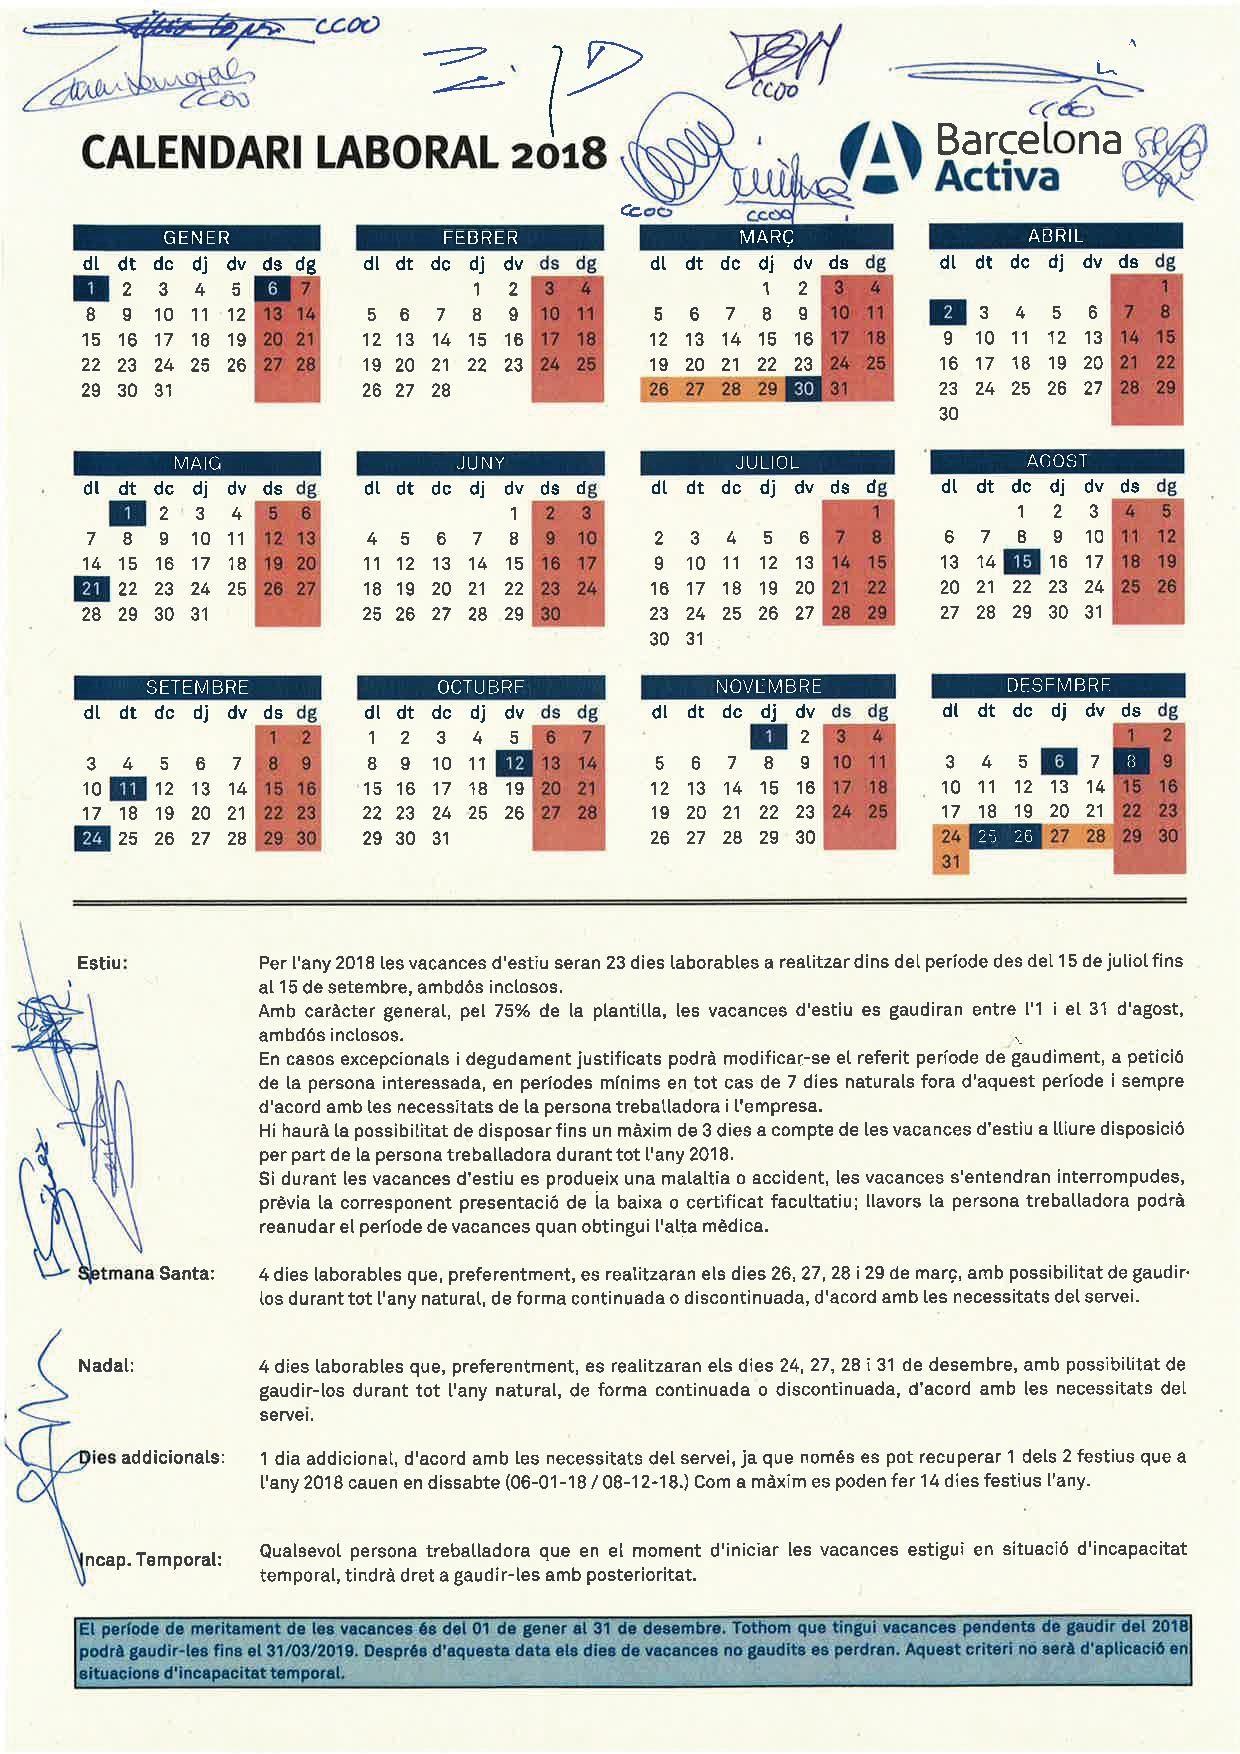 https://sites.google.com/a/ccoo.cat/fsc_barcelona_activa/home/documents/Calendari%20laboral%202018%20signat.jpg